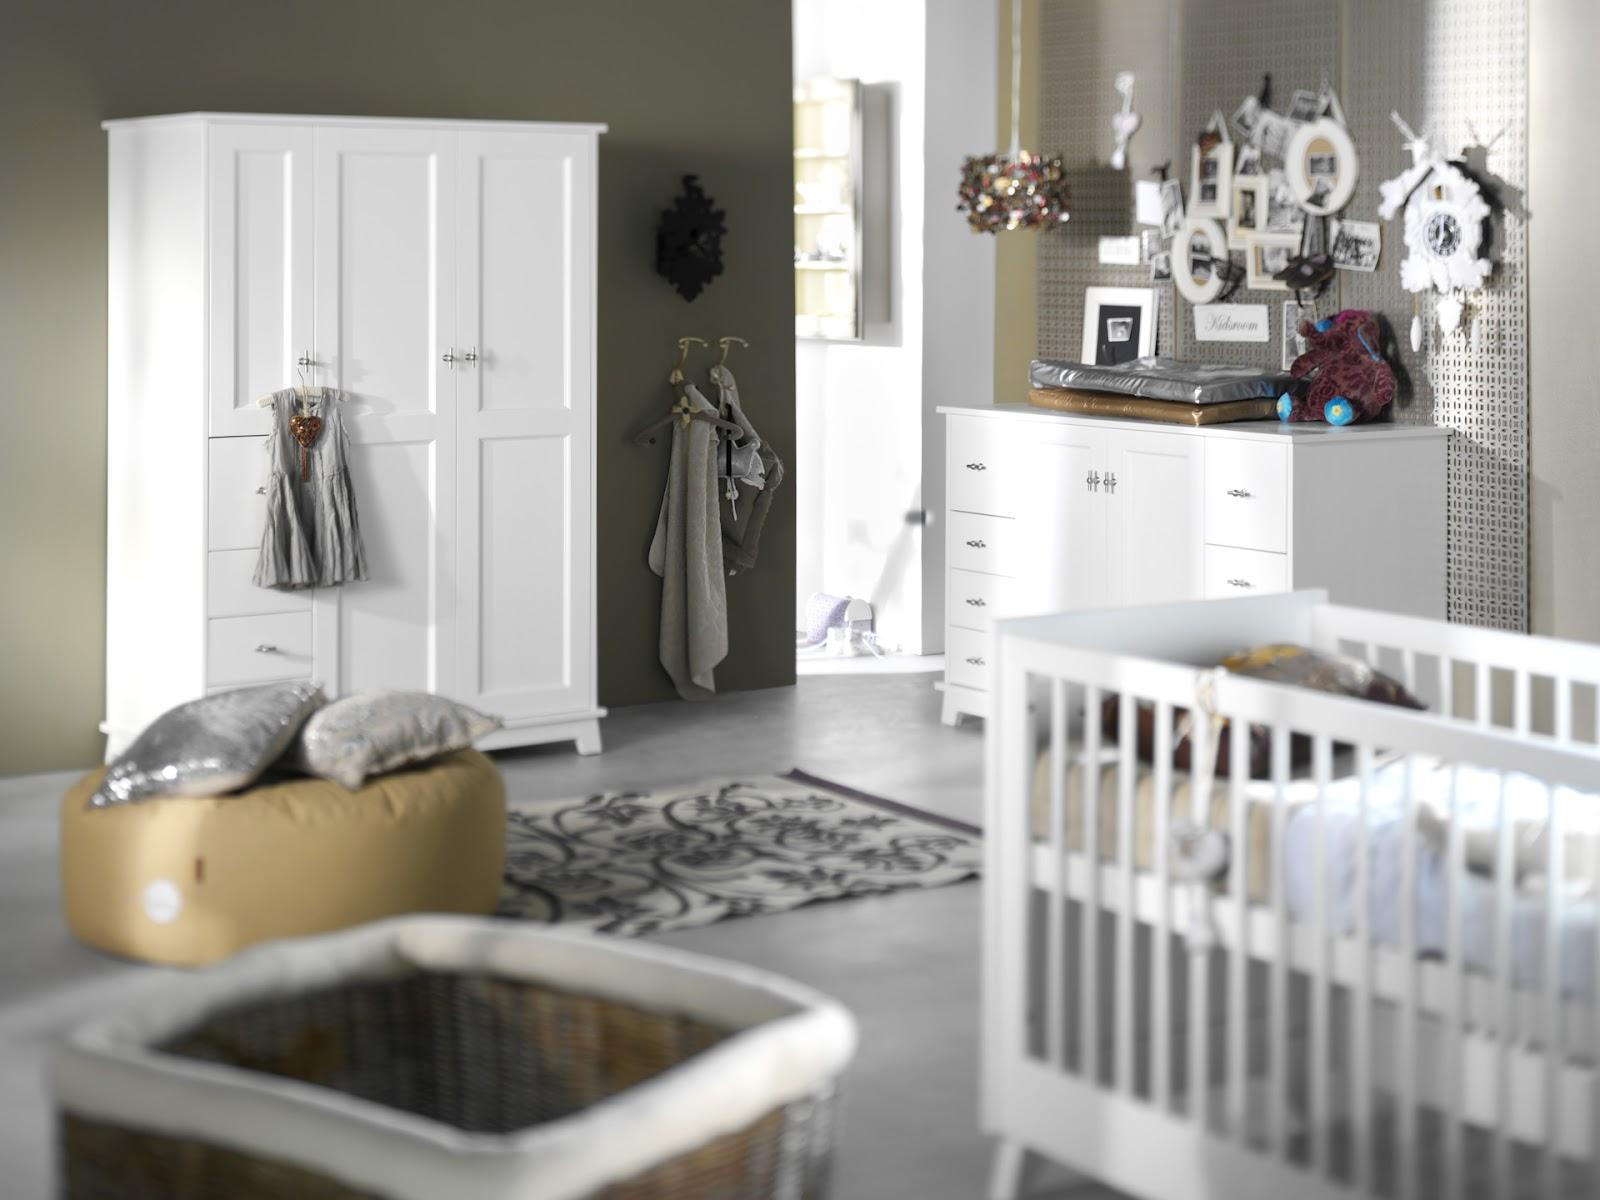 Dormitorios y camas para ni os y bebes decoracion de salones - Decoracion dormitorio bebe ...